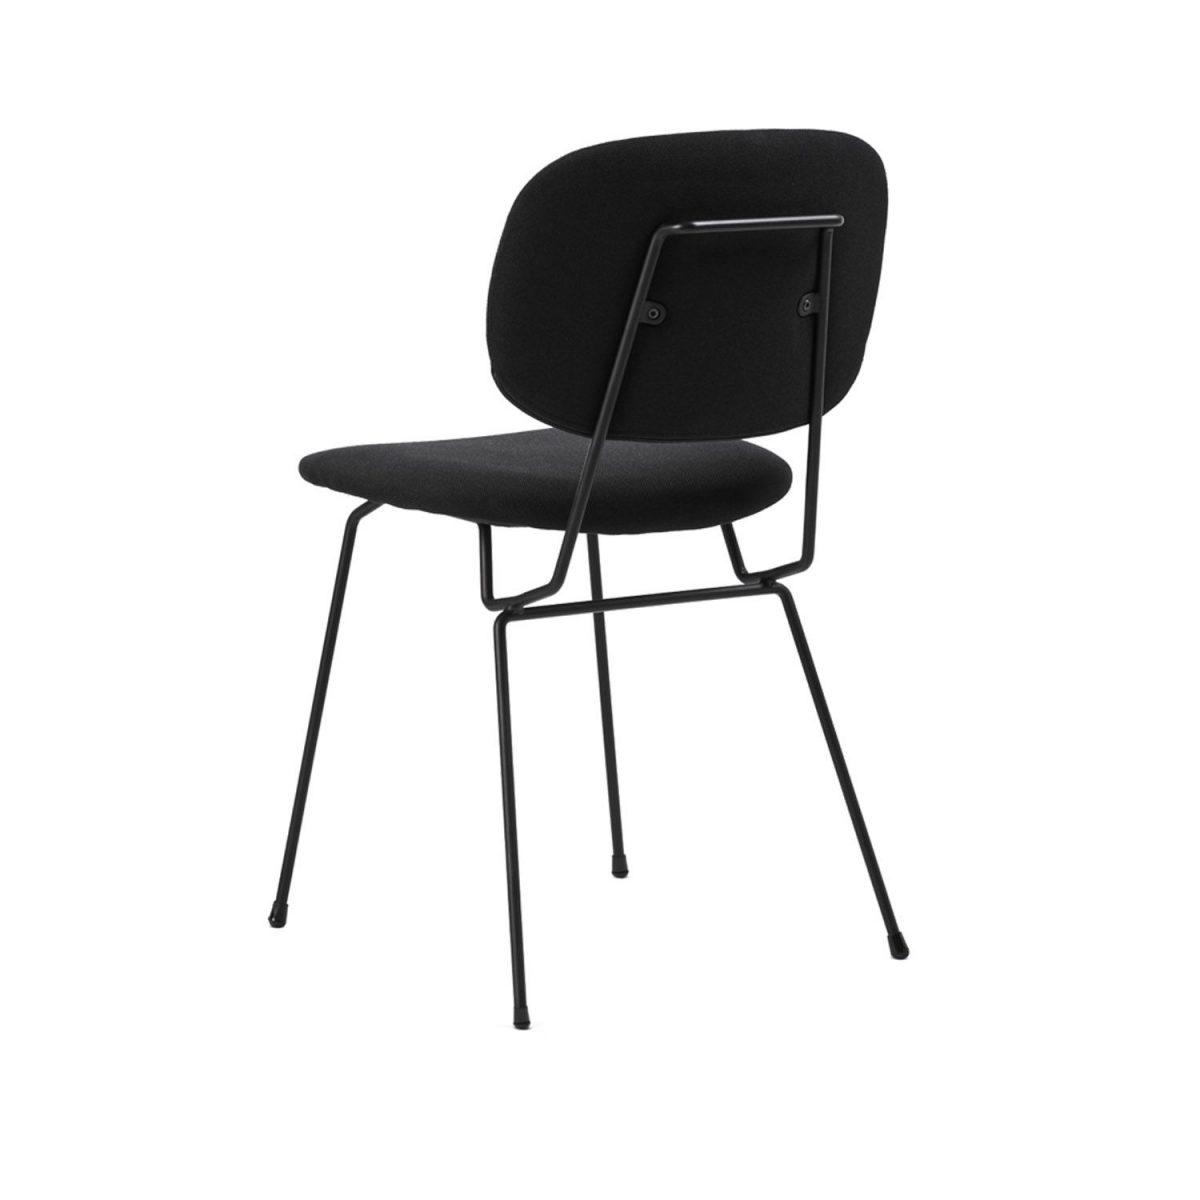 D Chair Lensvelt Gestoffeerd Stoel Eetkamerstoel Zwart Projectstoel Bureaustoel Minimalistisch Dutch Design